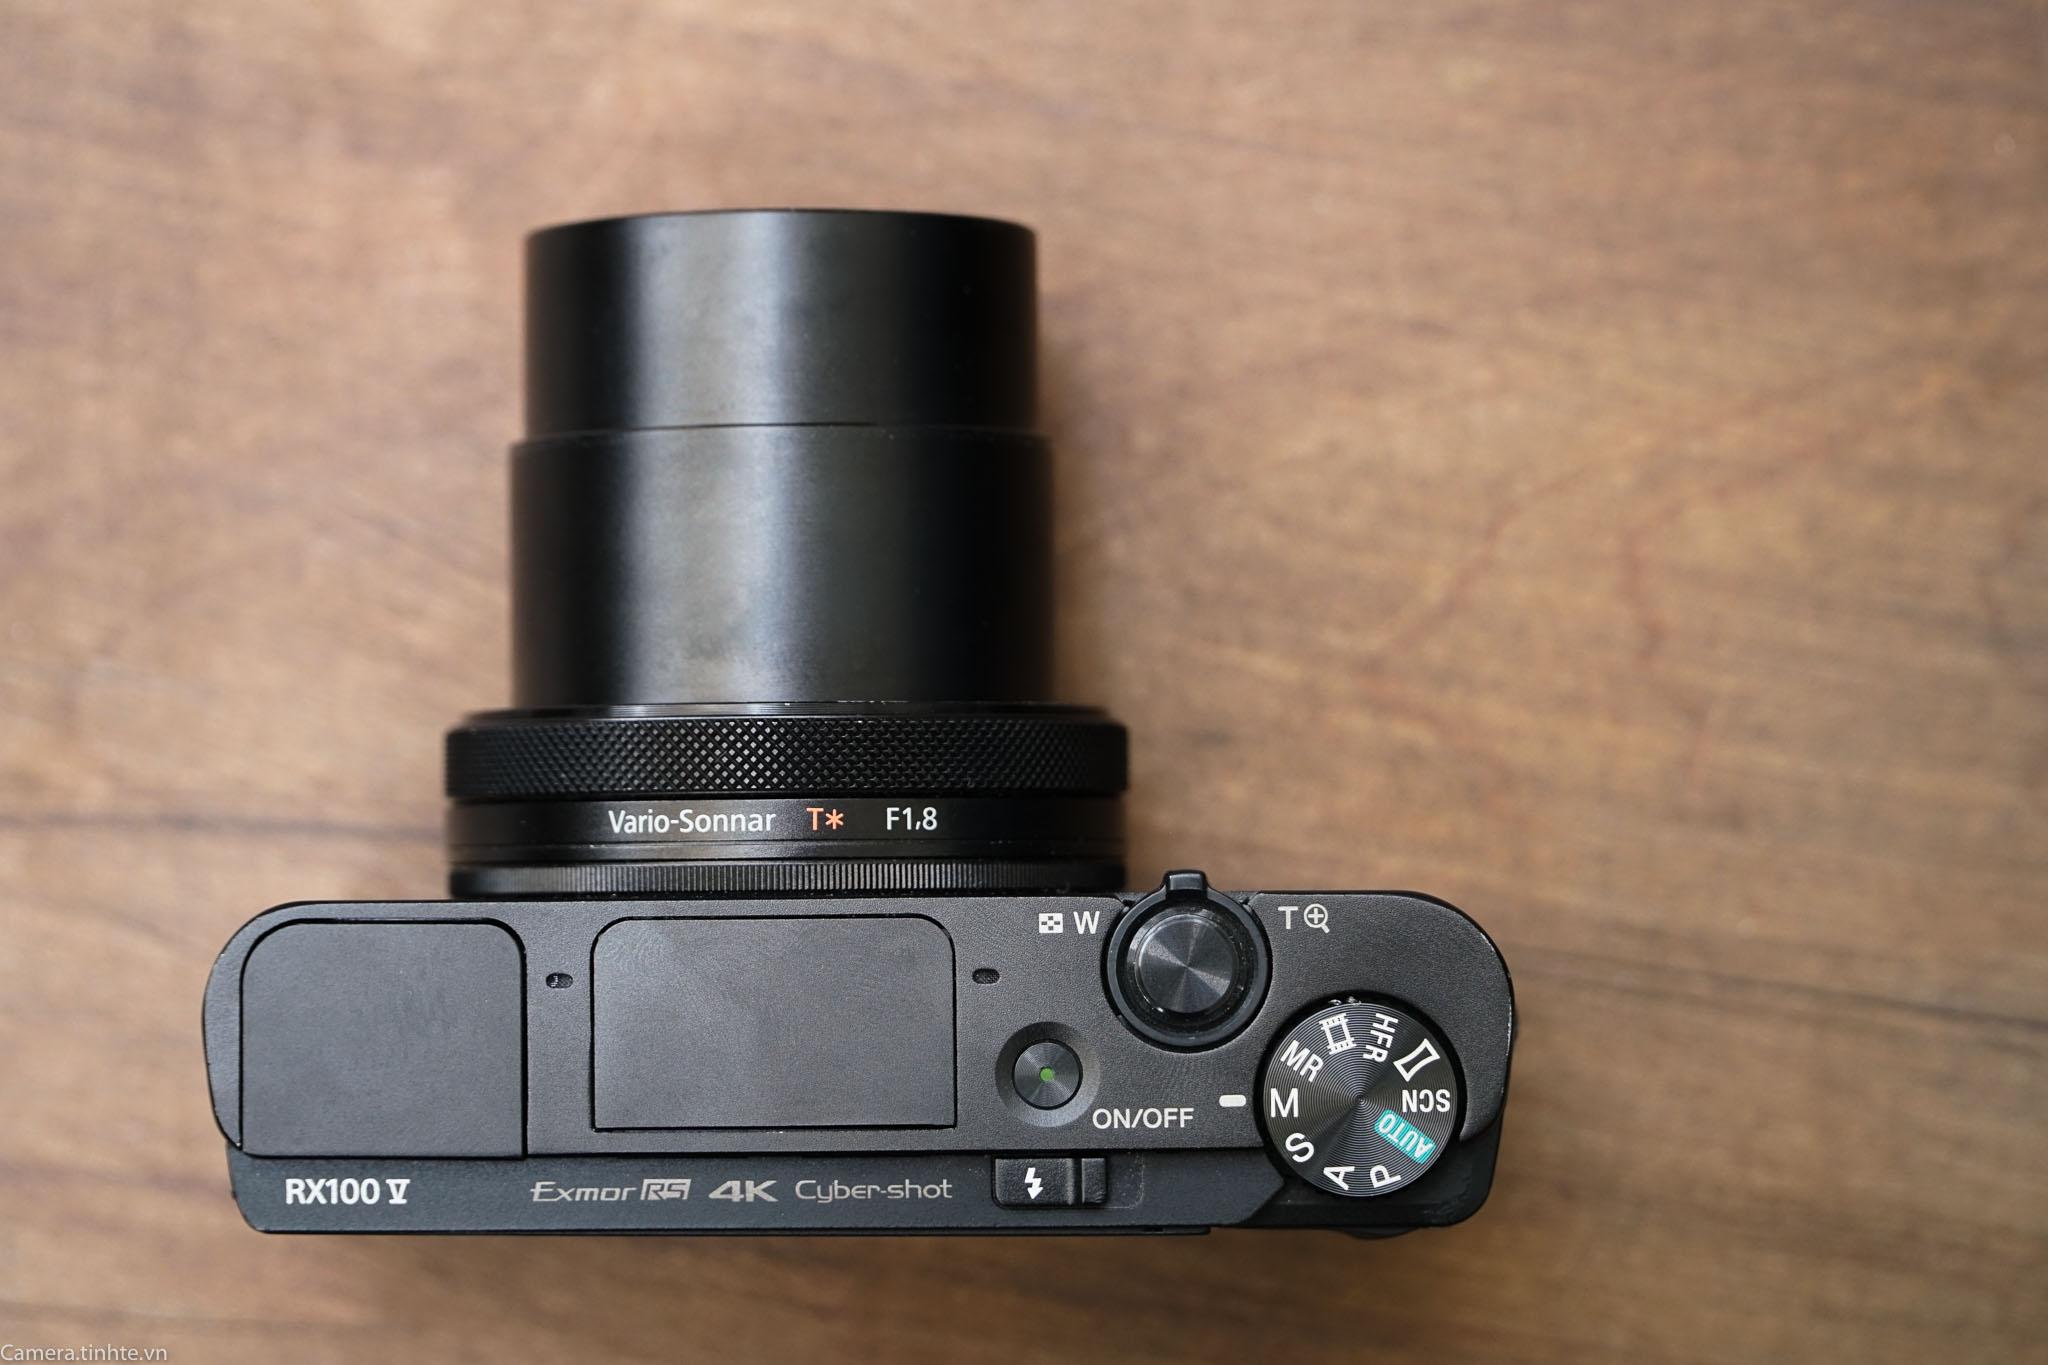 SONY RX100 V - Camera.tinhte.vn-15.jpg